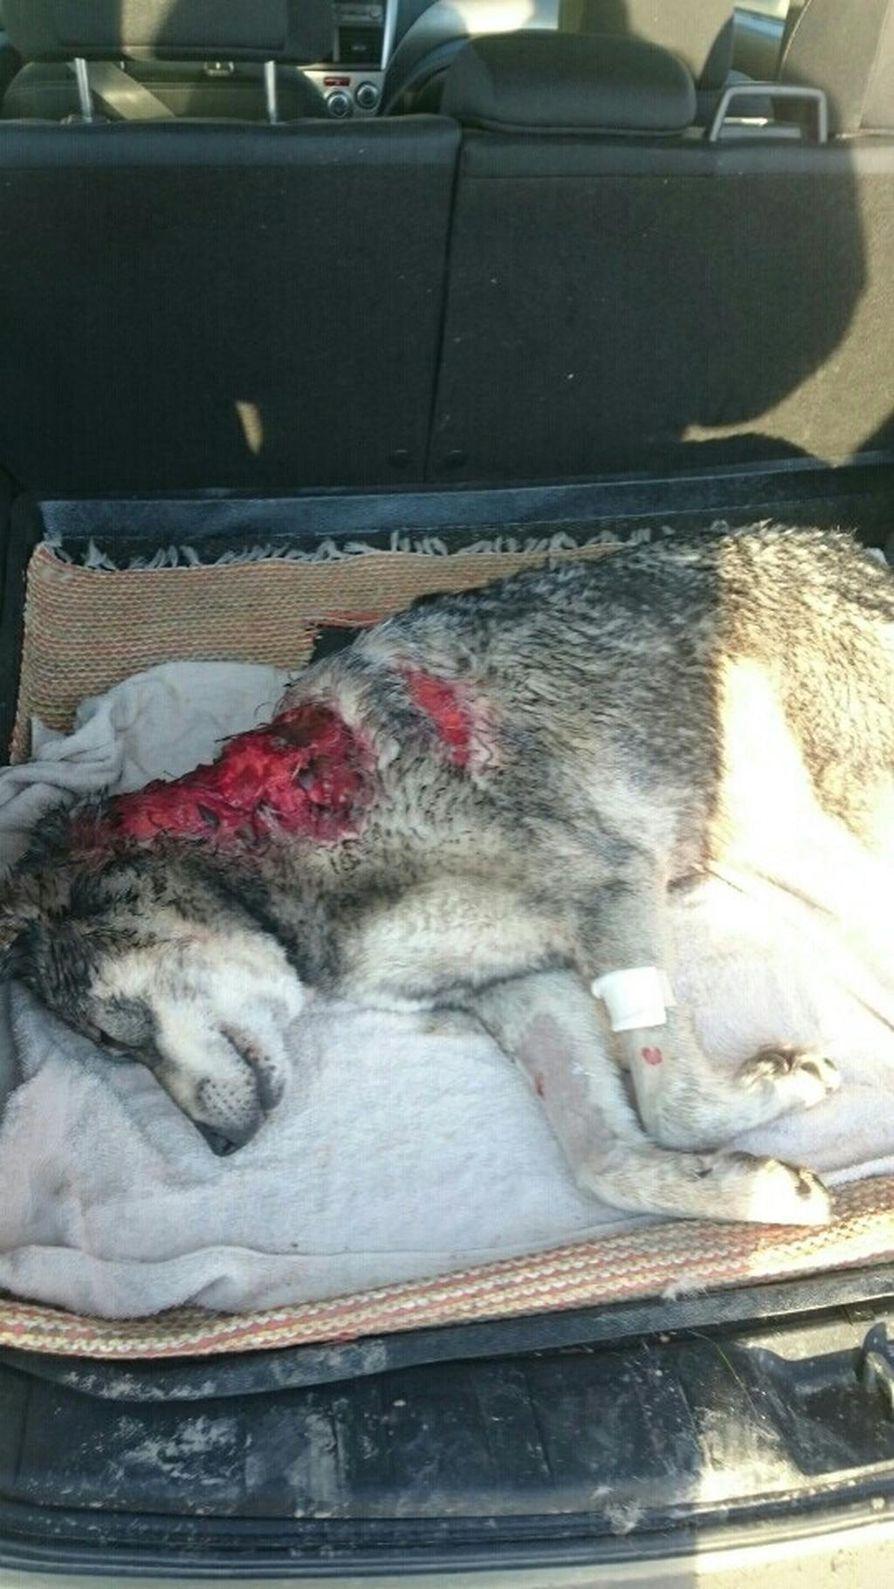 Koira oli saanut pahoja vammoja niskan alueelle.